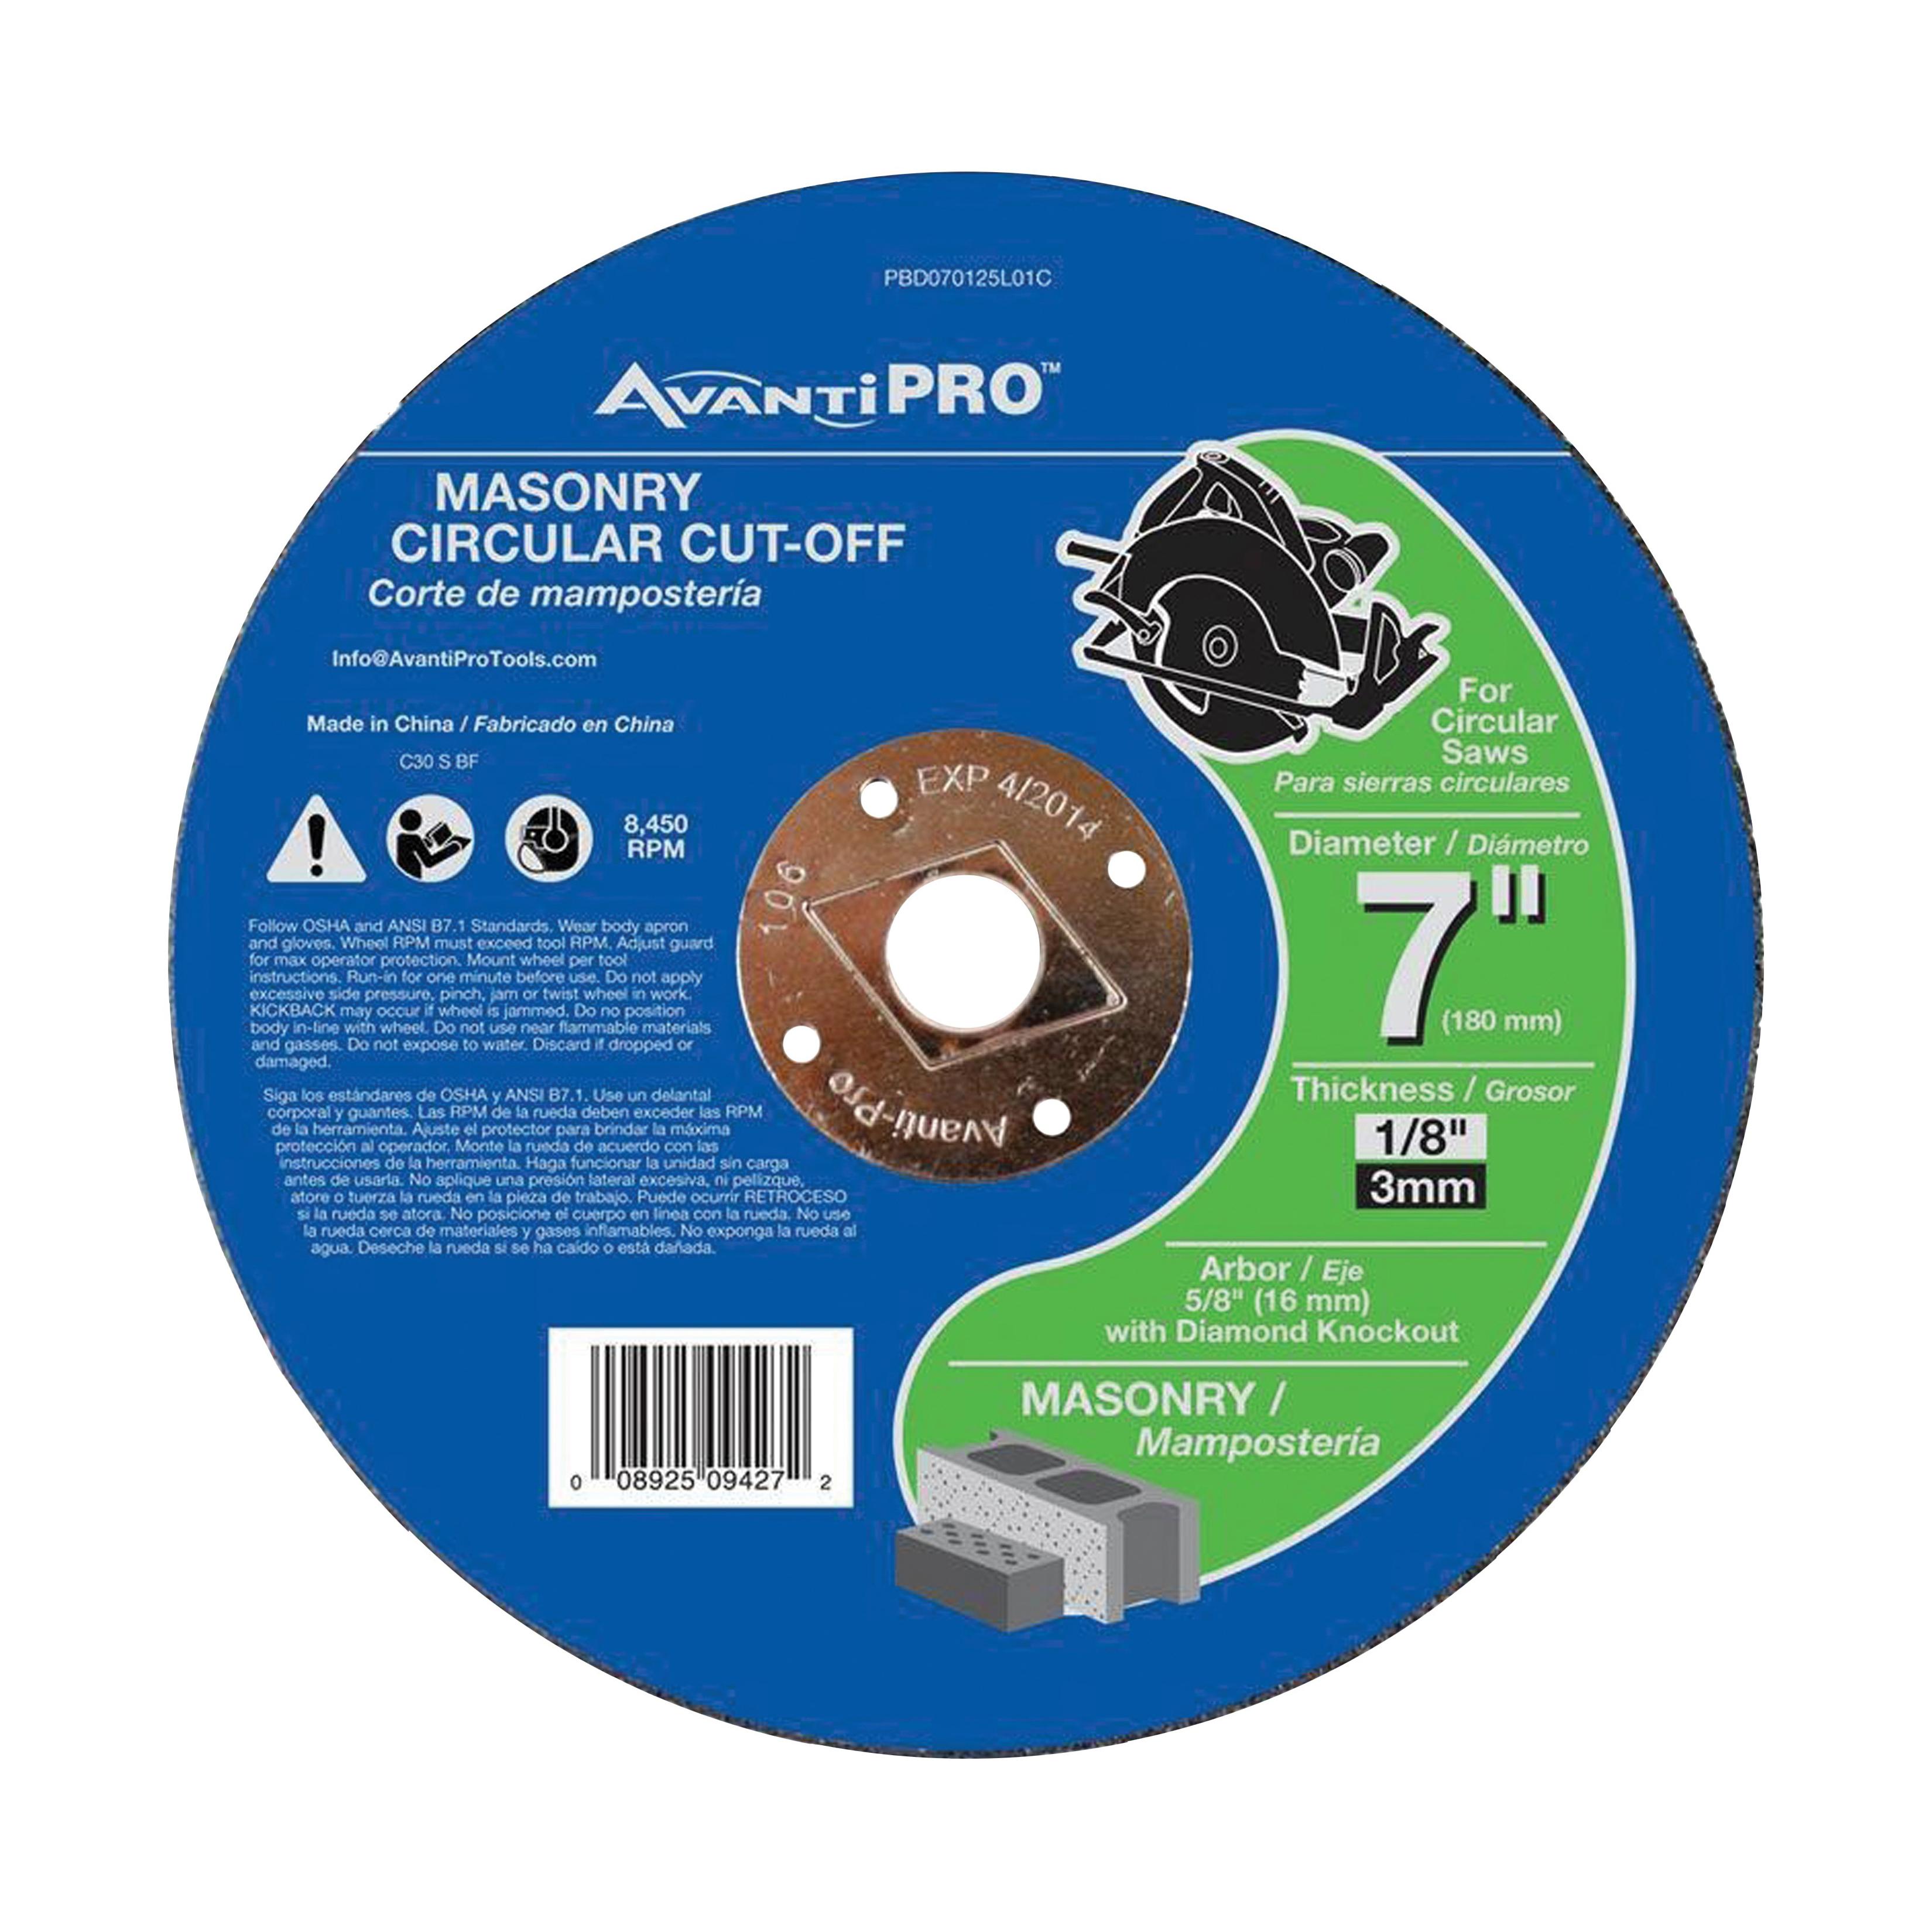 Picture of Avanti Pro PBD070125L01C Cut-Off Wheel, 7 in Dia, 1/8 in Thick, 5/8 in Arbor, Silicone Carbide Abrasive